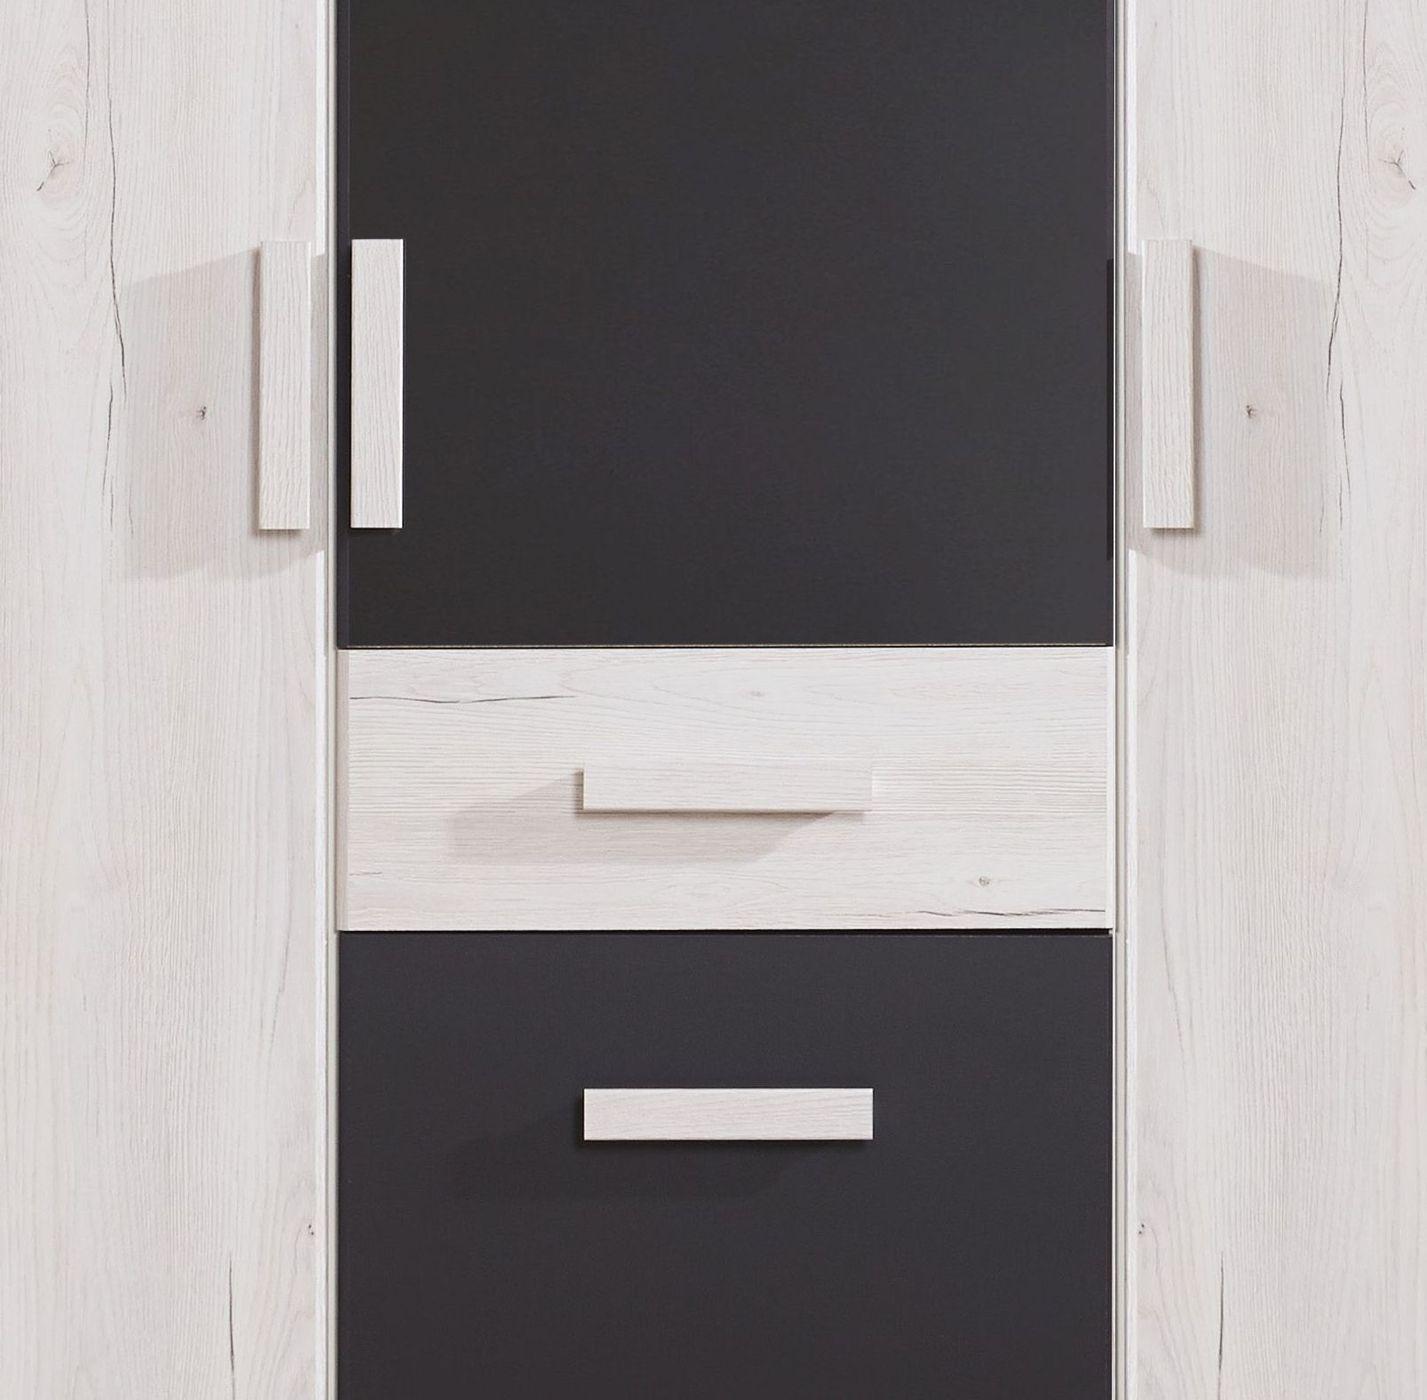 kleiderschrank mit schubladen dreht ren wei eiche dekor mereto. Black Bedroom Furniture Sets. Home Design Ideas